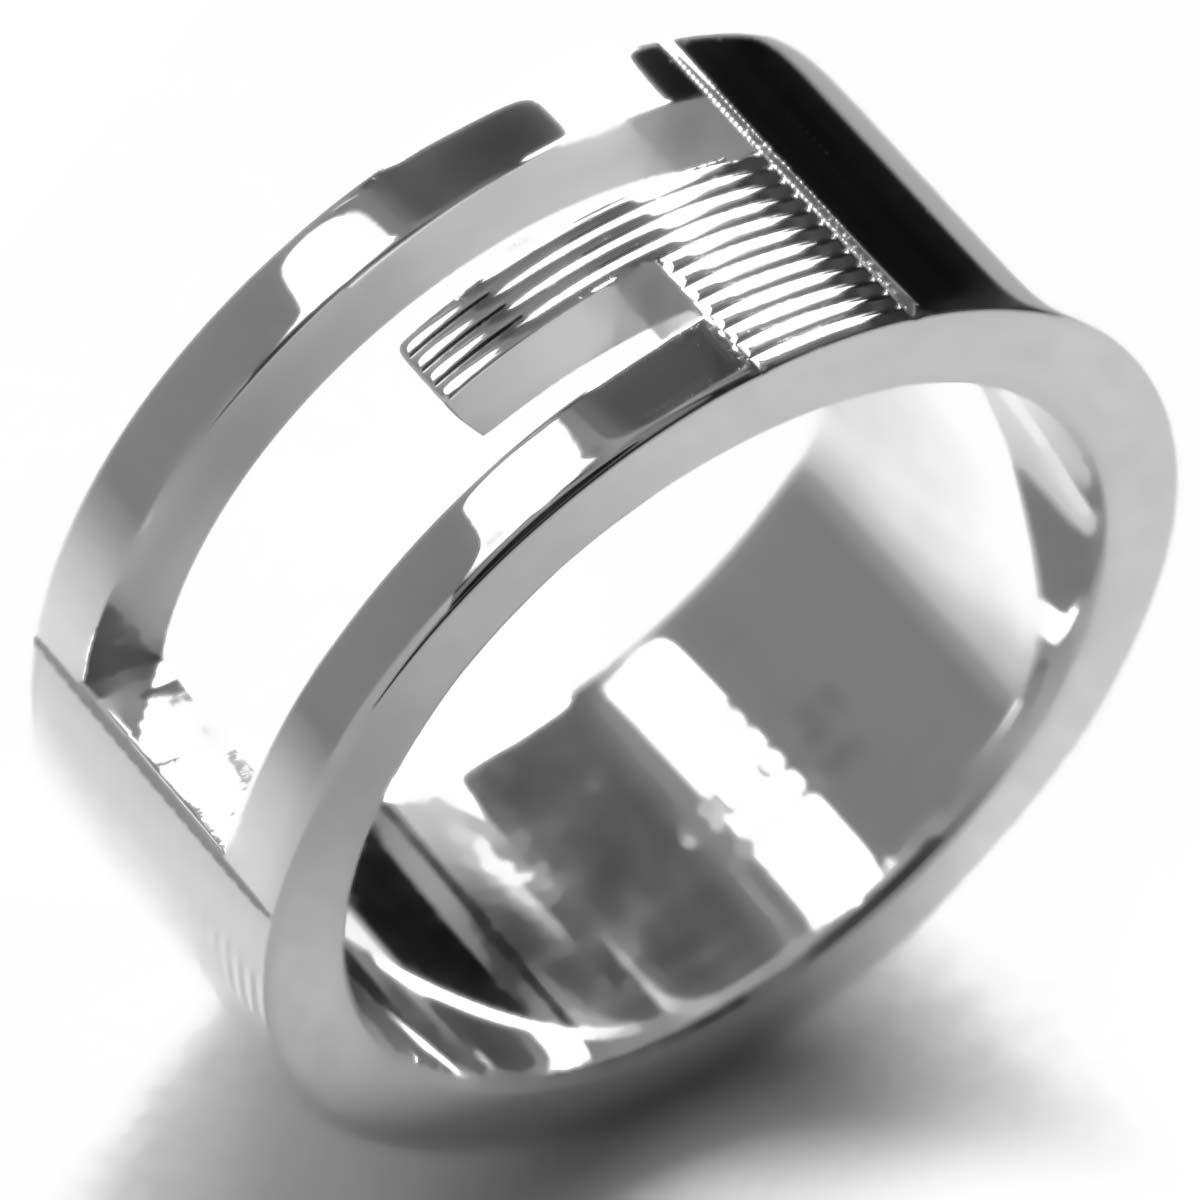 838f15975eb3 グッチ リング【指輪】 アクセサリー メンズ レディース ブランテッド カットアウトG シルバー 032660 09840